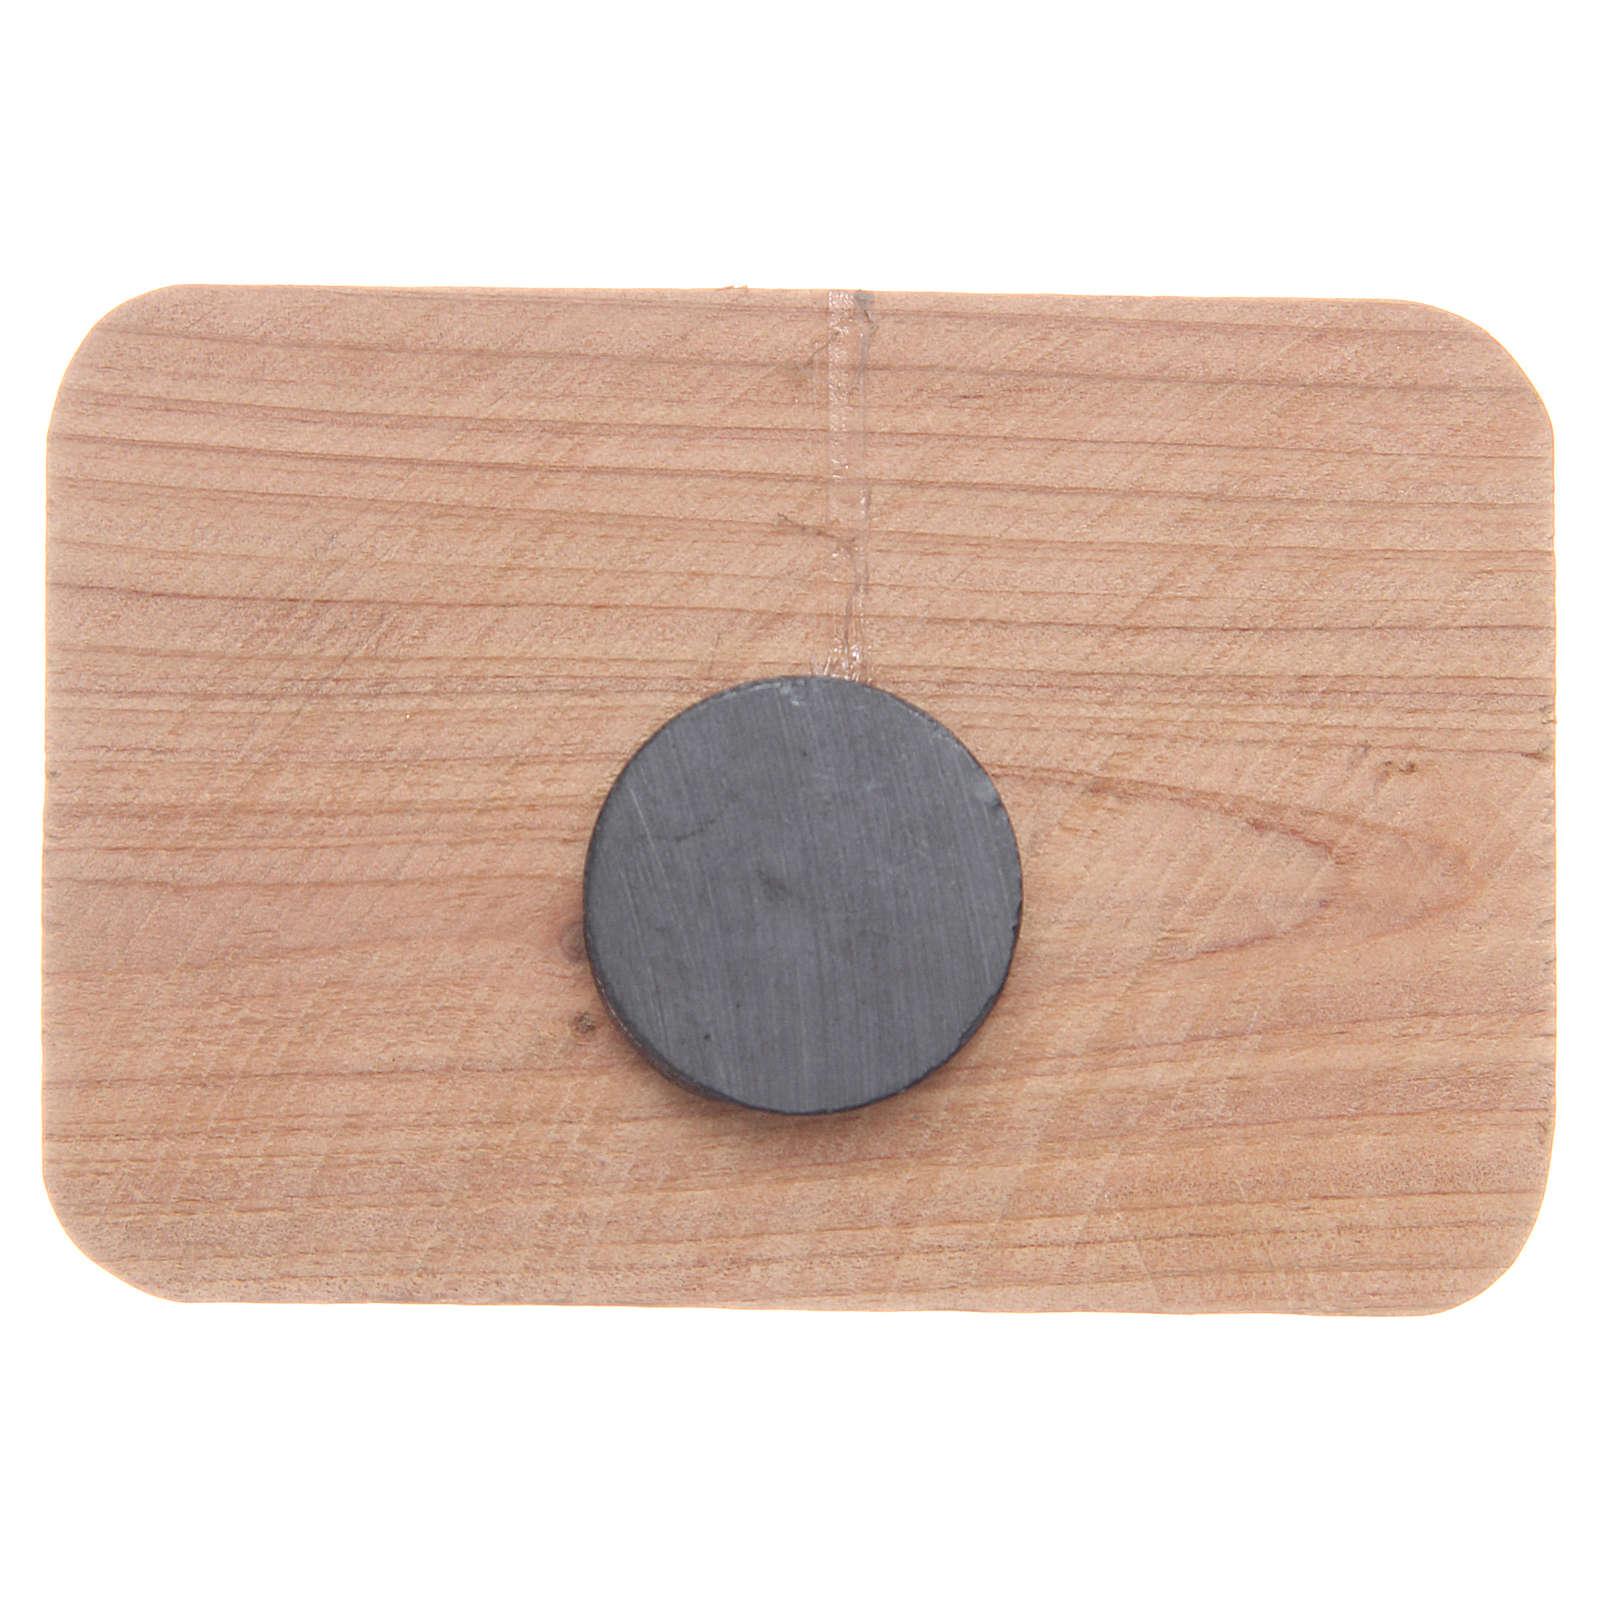 Calamita in legno ulivo Medjugorje 7x5 cm 4